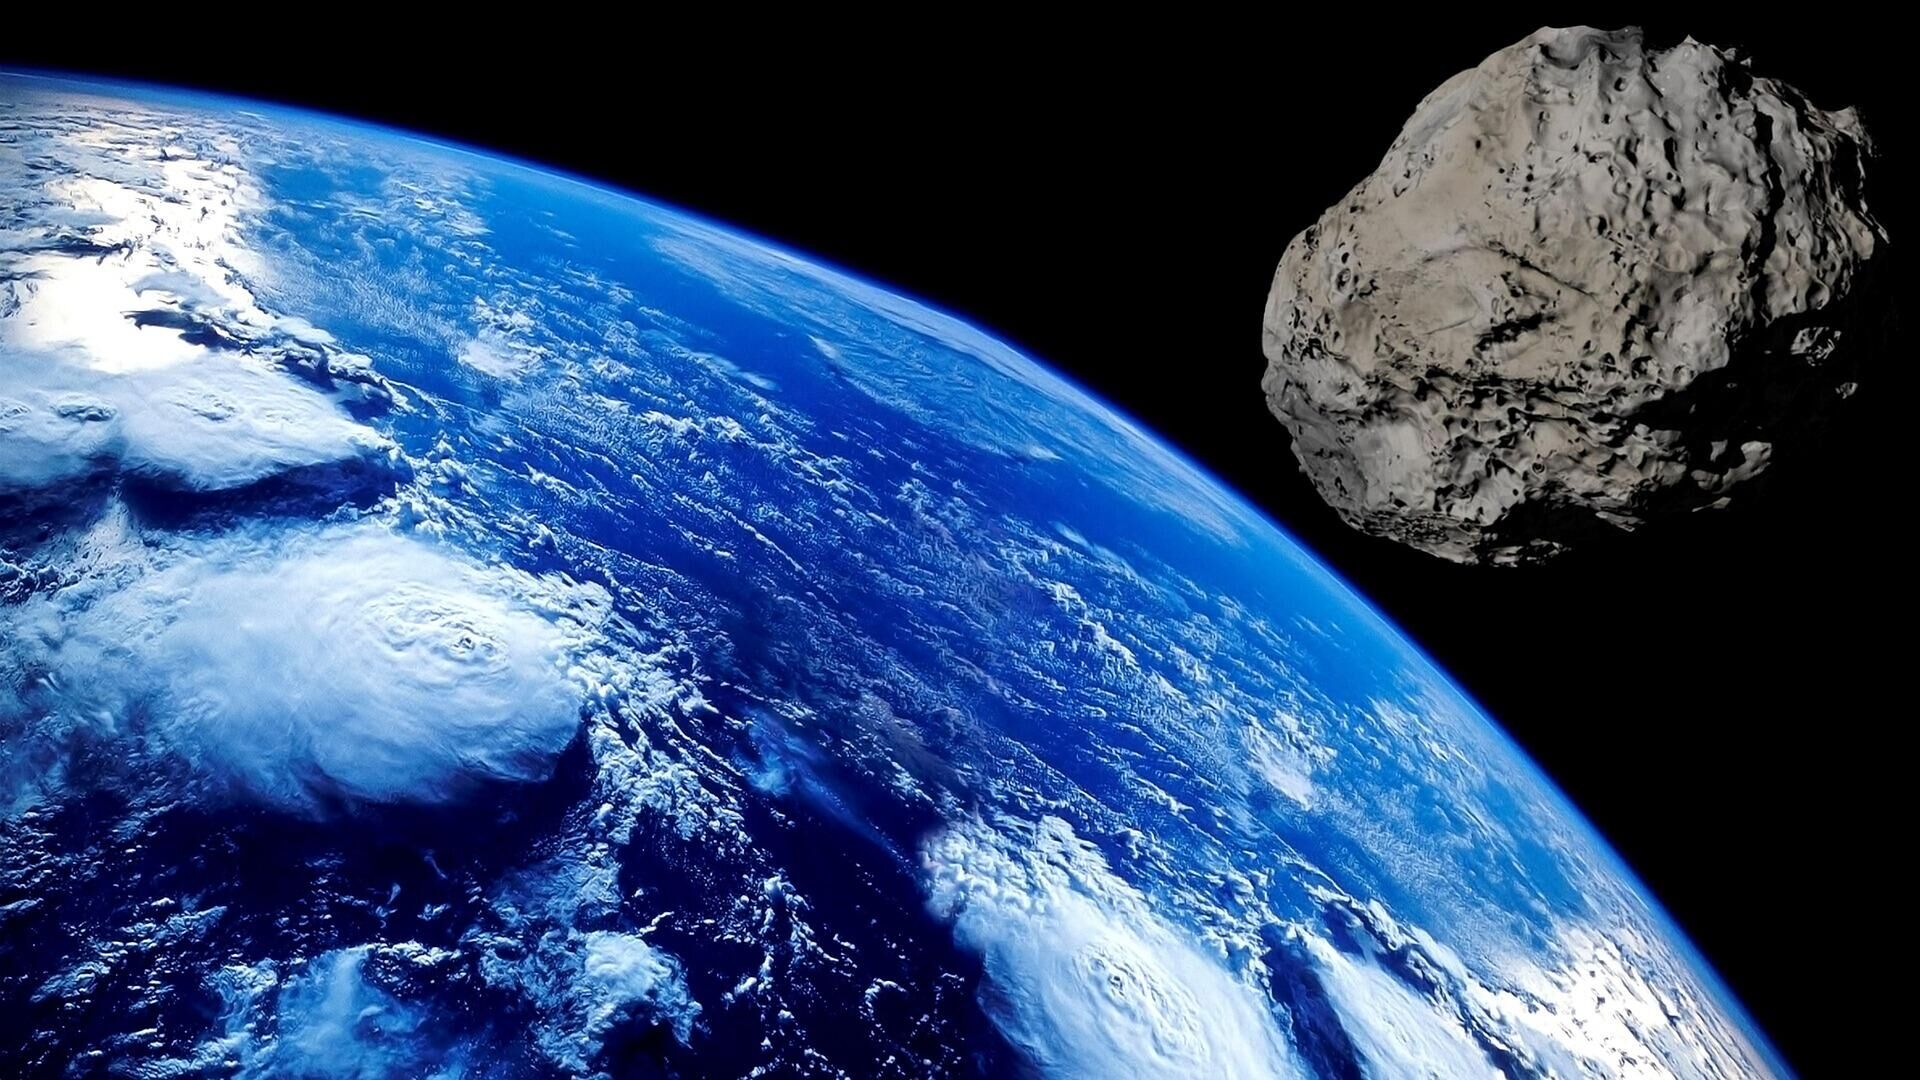 Un asteroide cerca de la Tierra - Sputnik Mundo, 1920, 29.06.2021